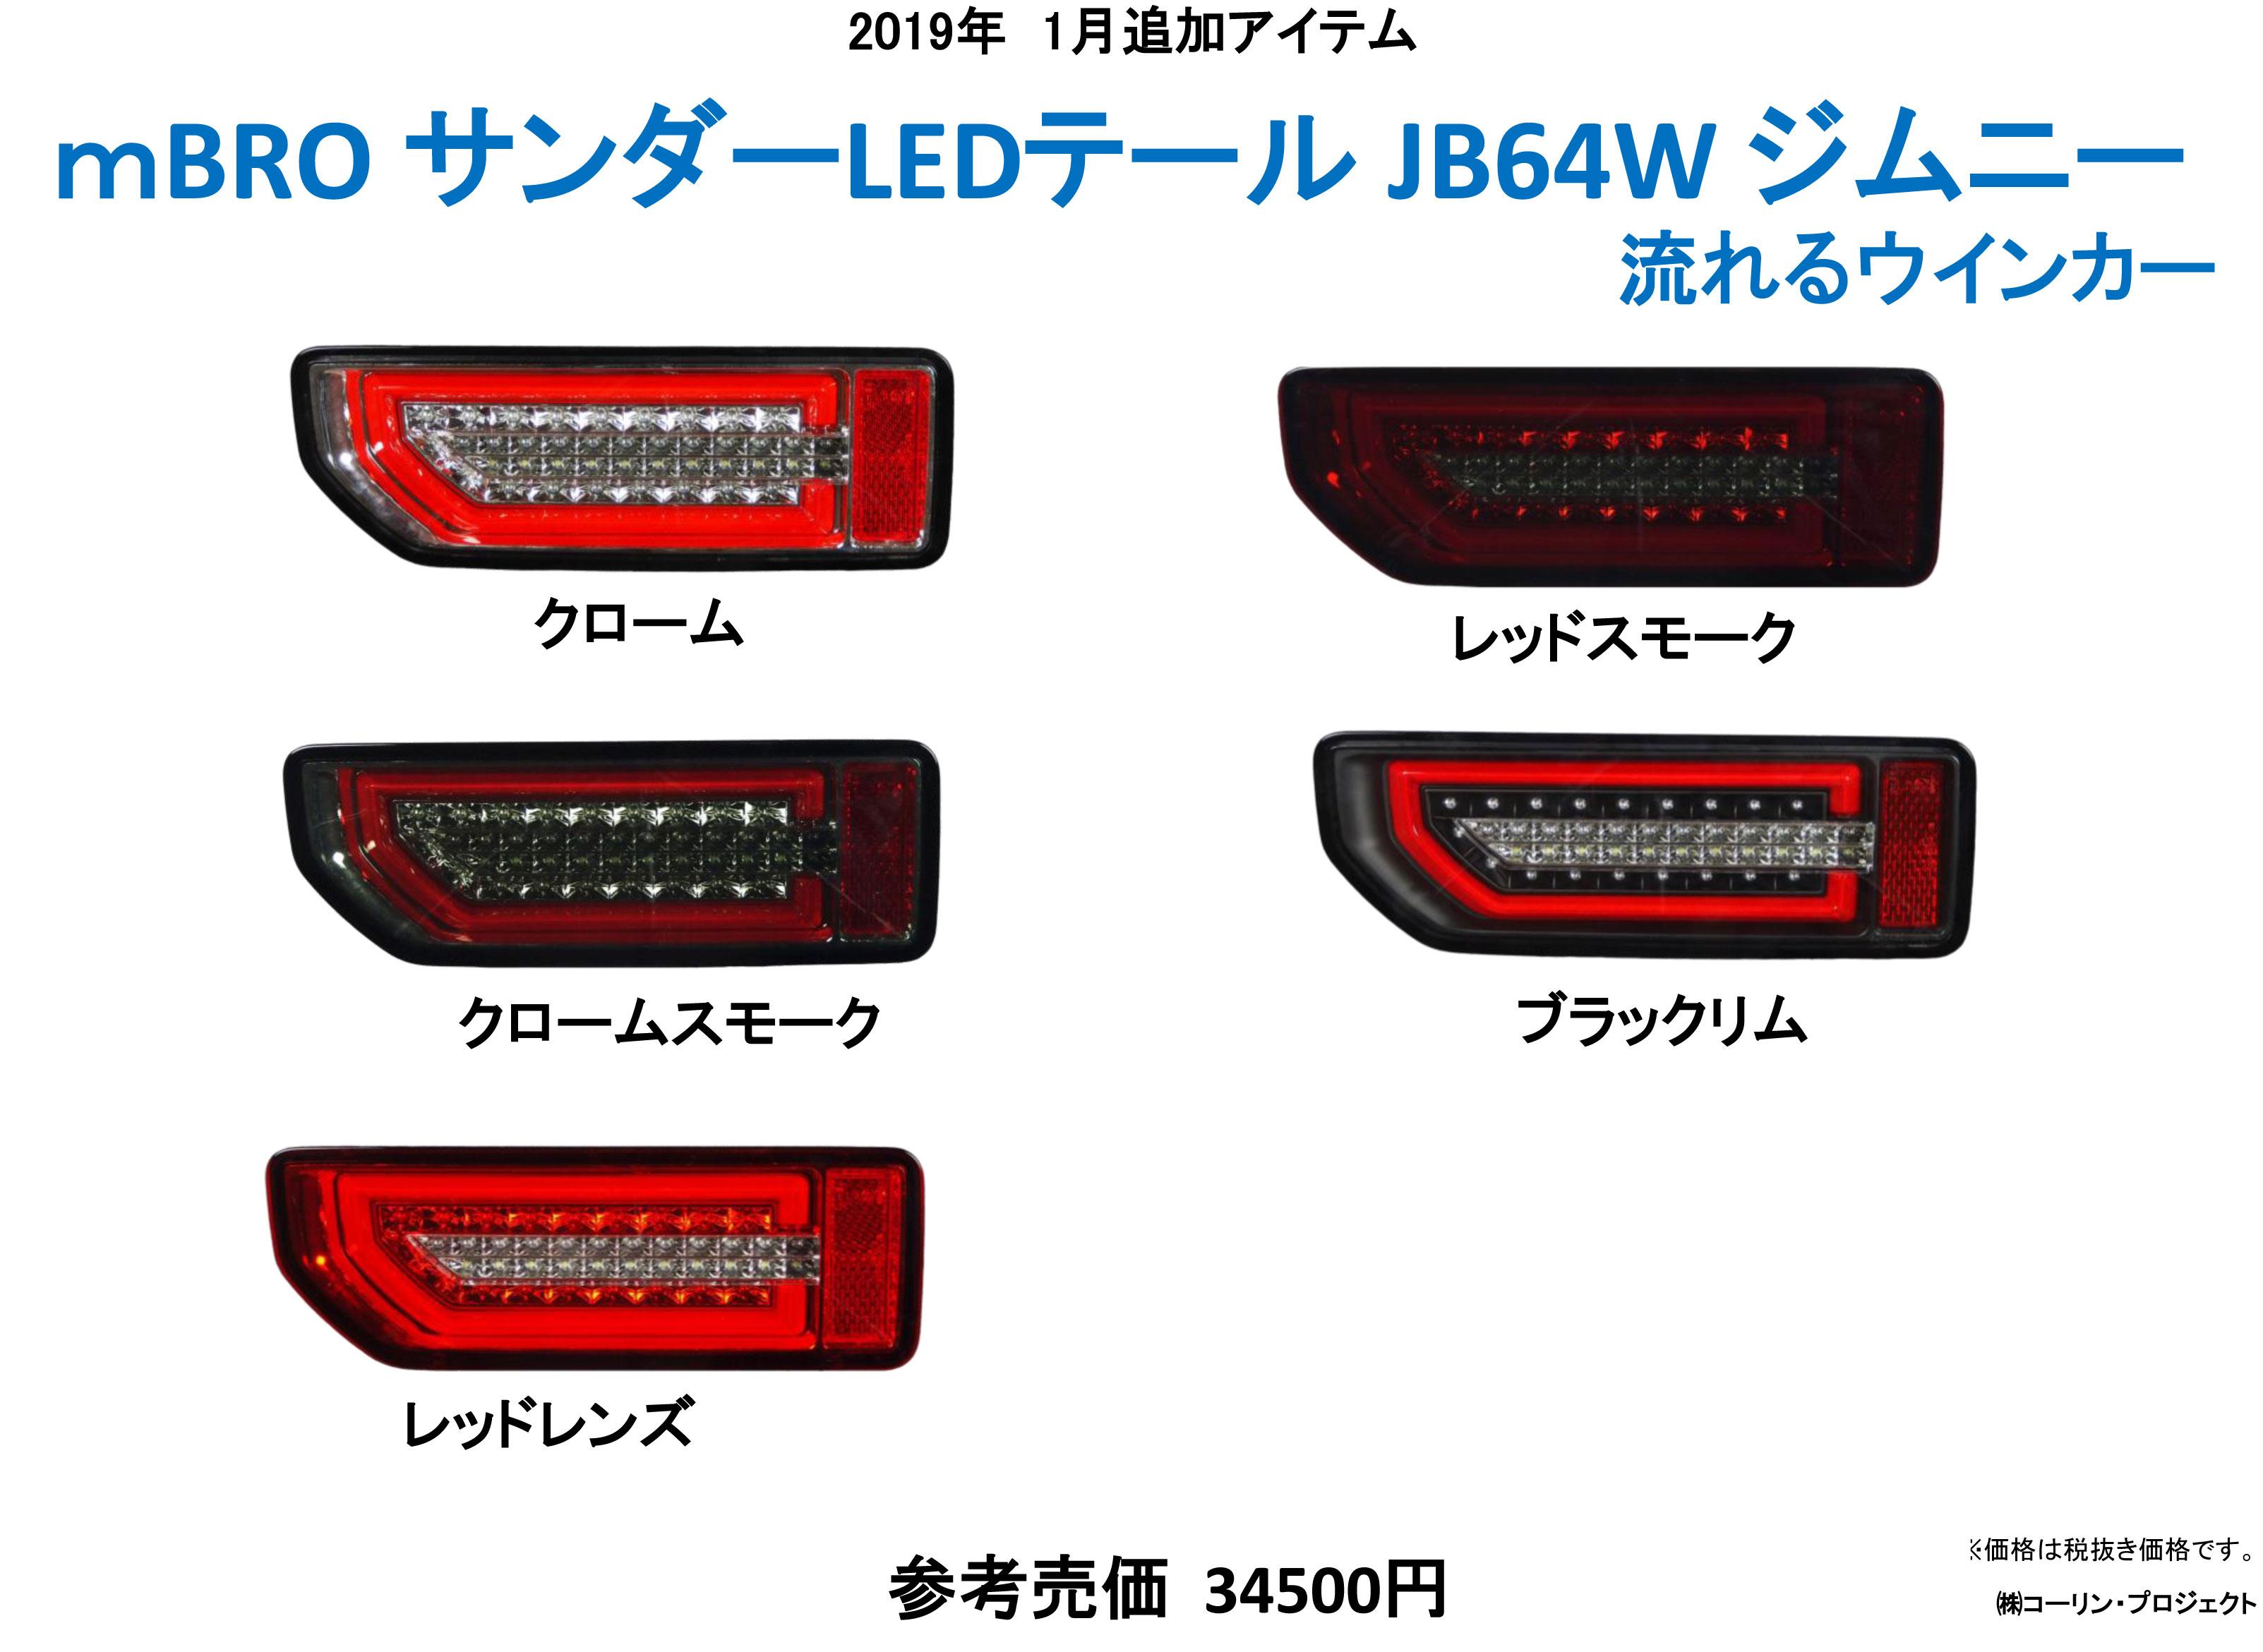 MBRO ブランドより新型JB64ジムニー LEDテールランプ完成しました! 入荷は、2019/4月ごろ予定です!ご注文お待ちしております。